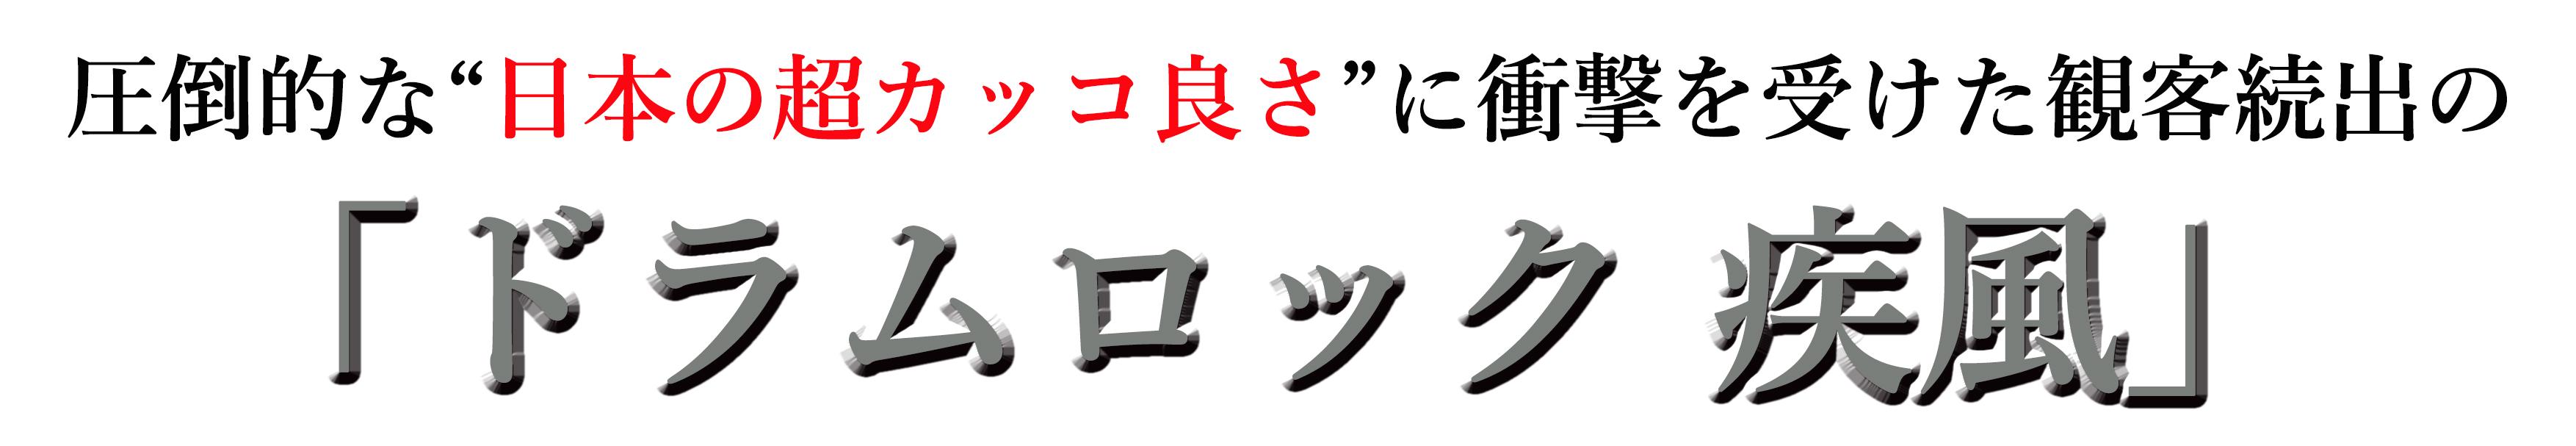 http://www.suncityhall.jp/TAO%E2%91%A0.jpg